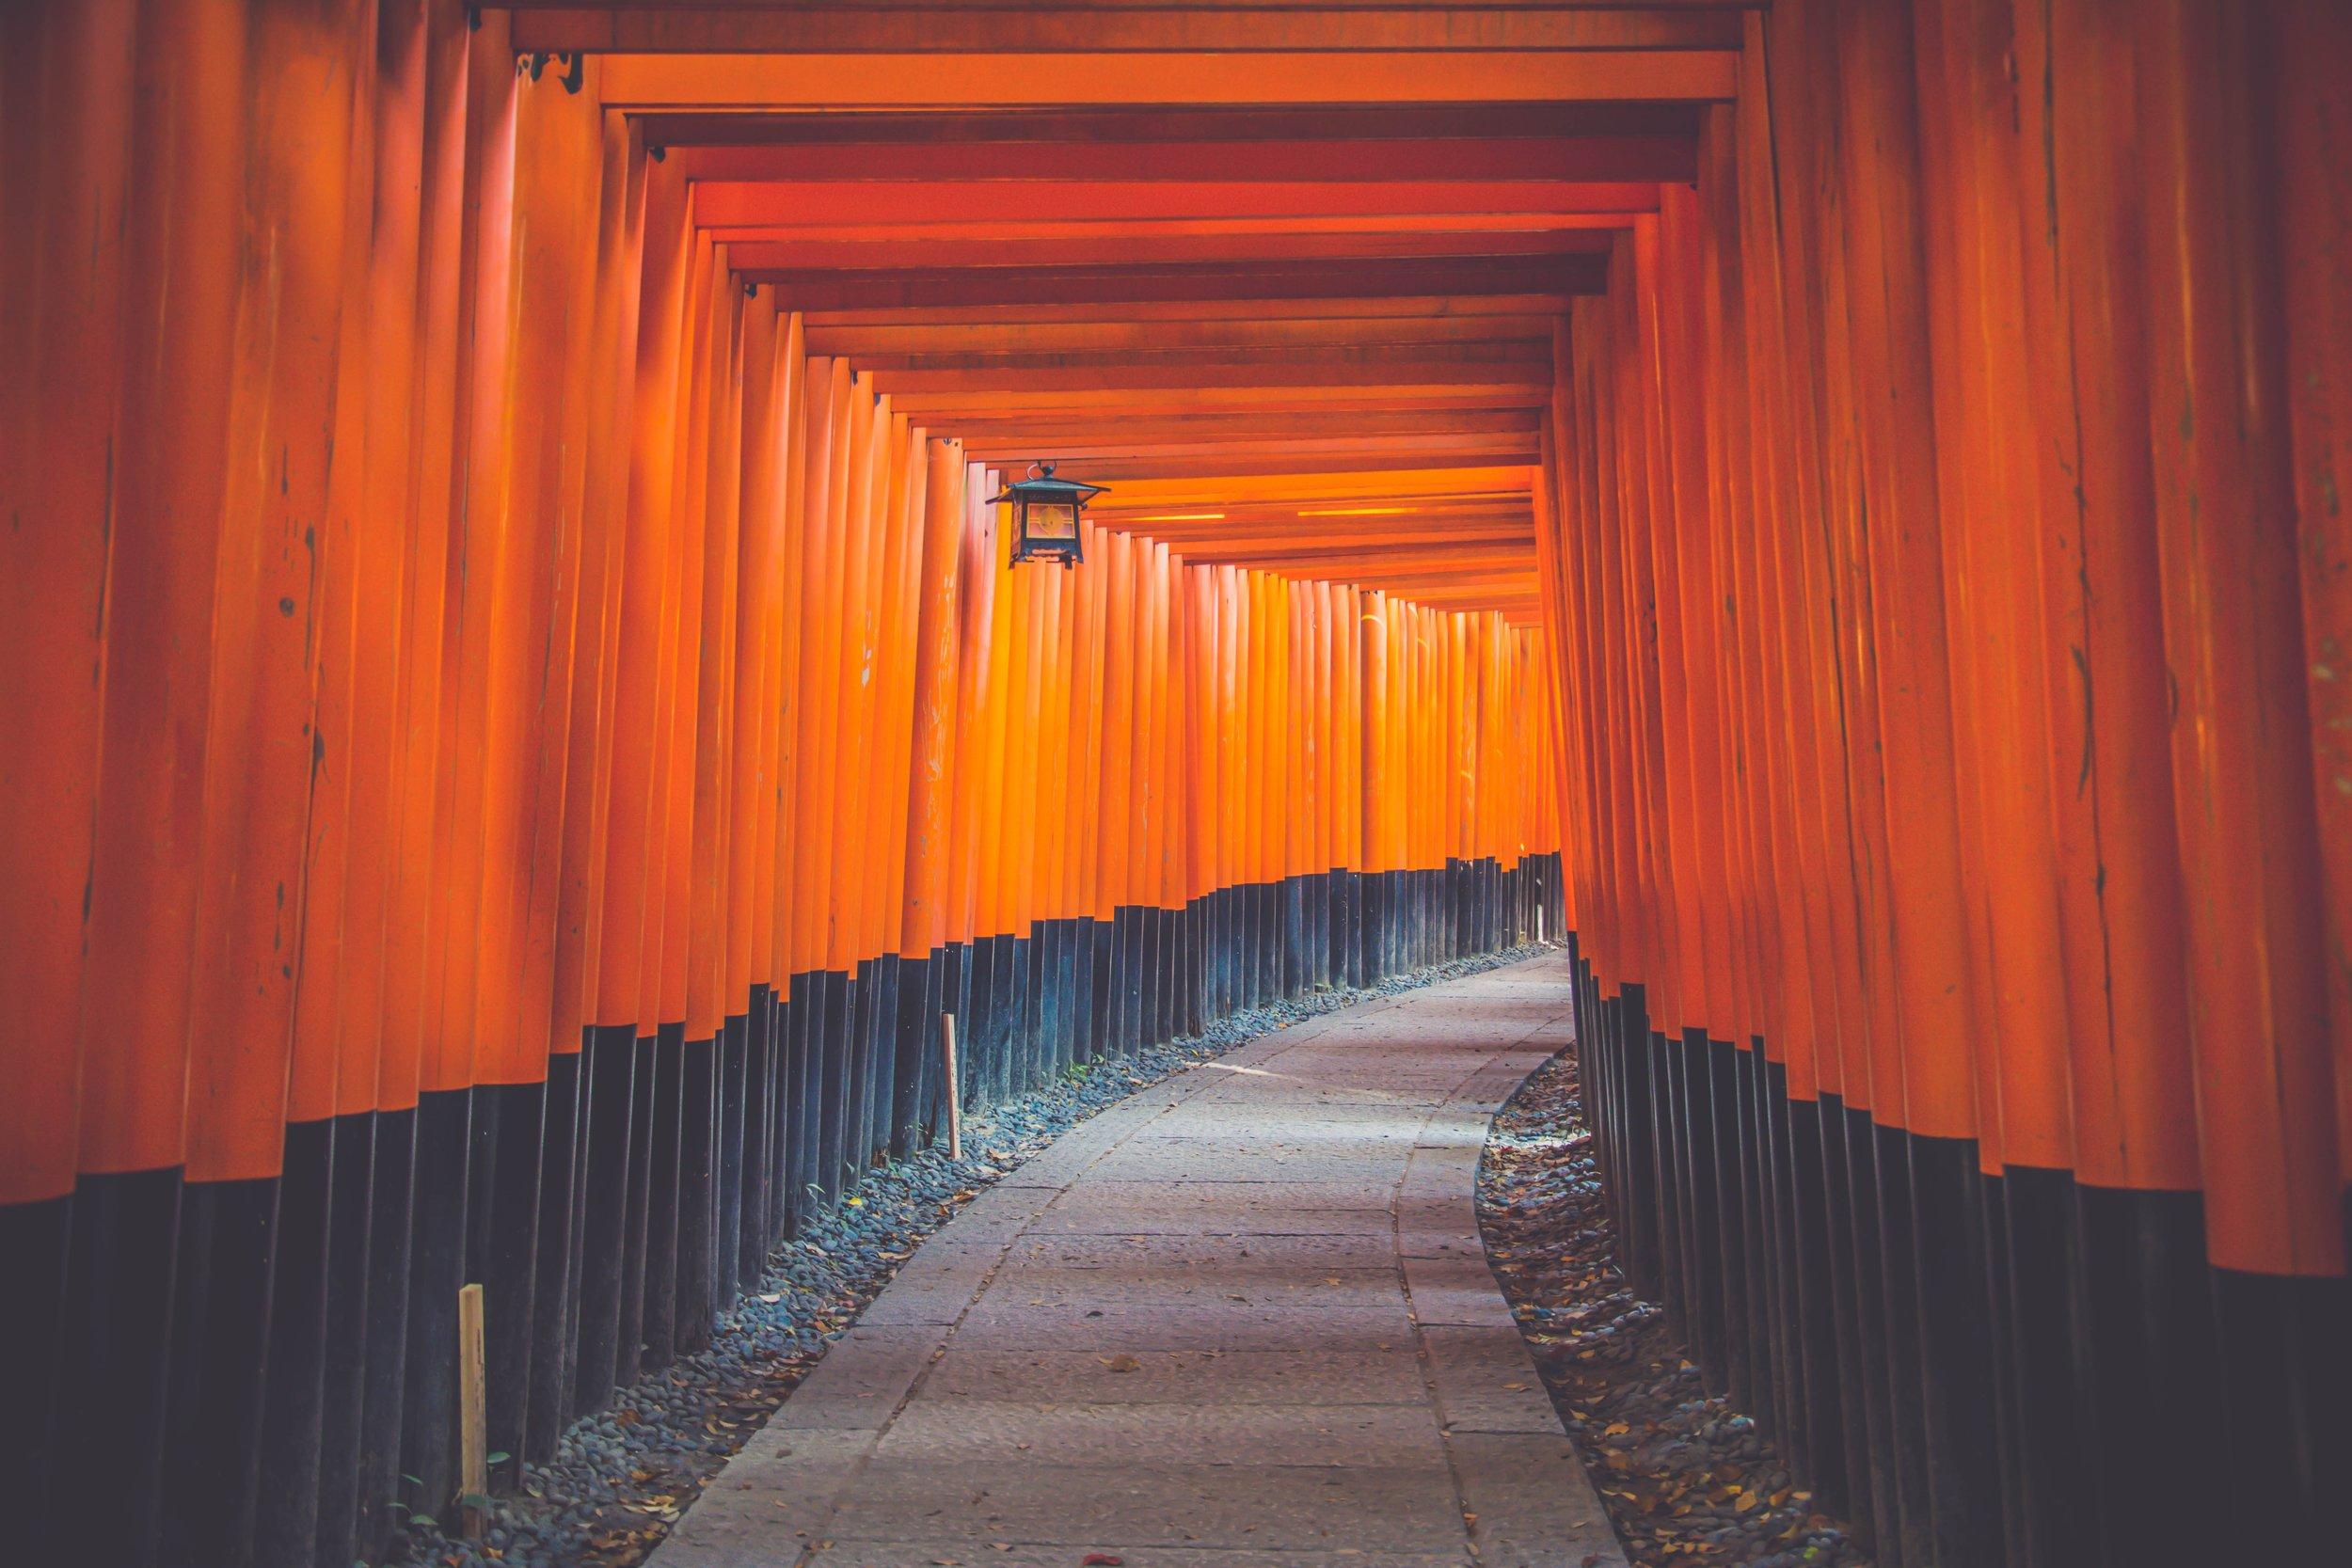 orange-art.jpg